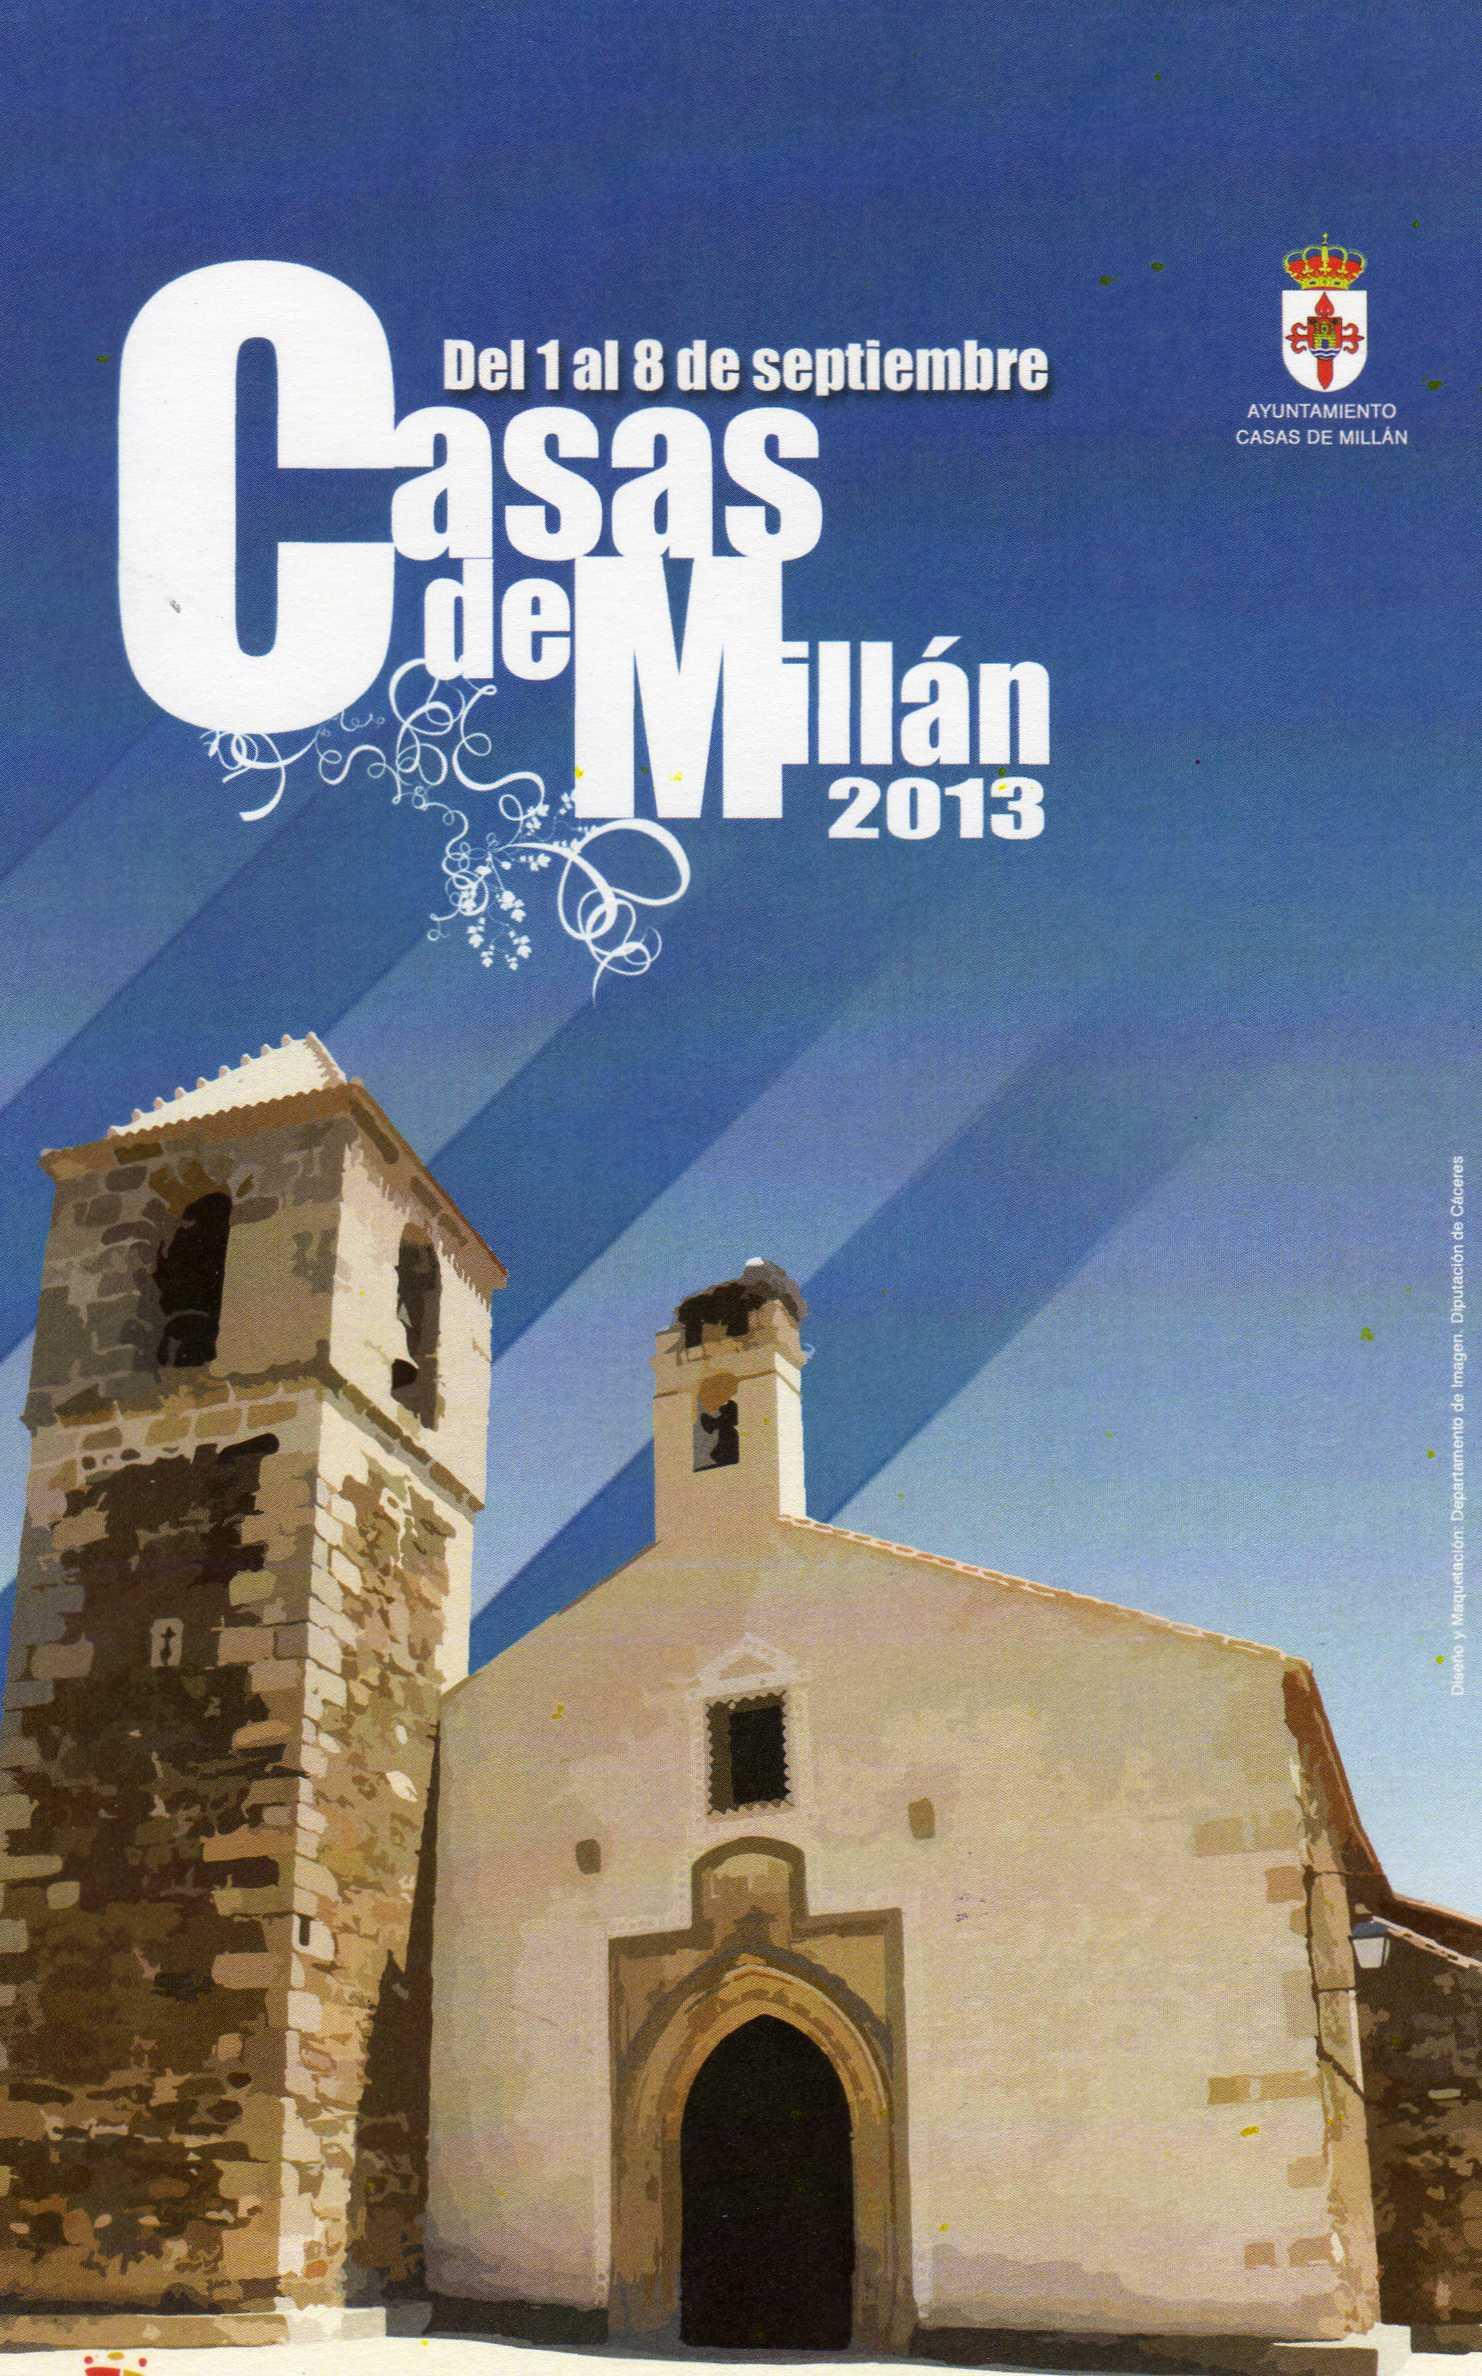 Casas de Millán celebra sus fiestas populares